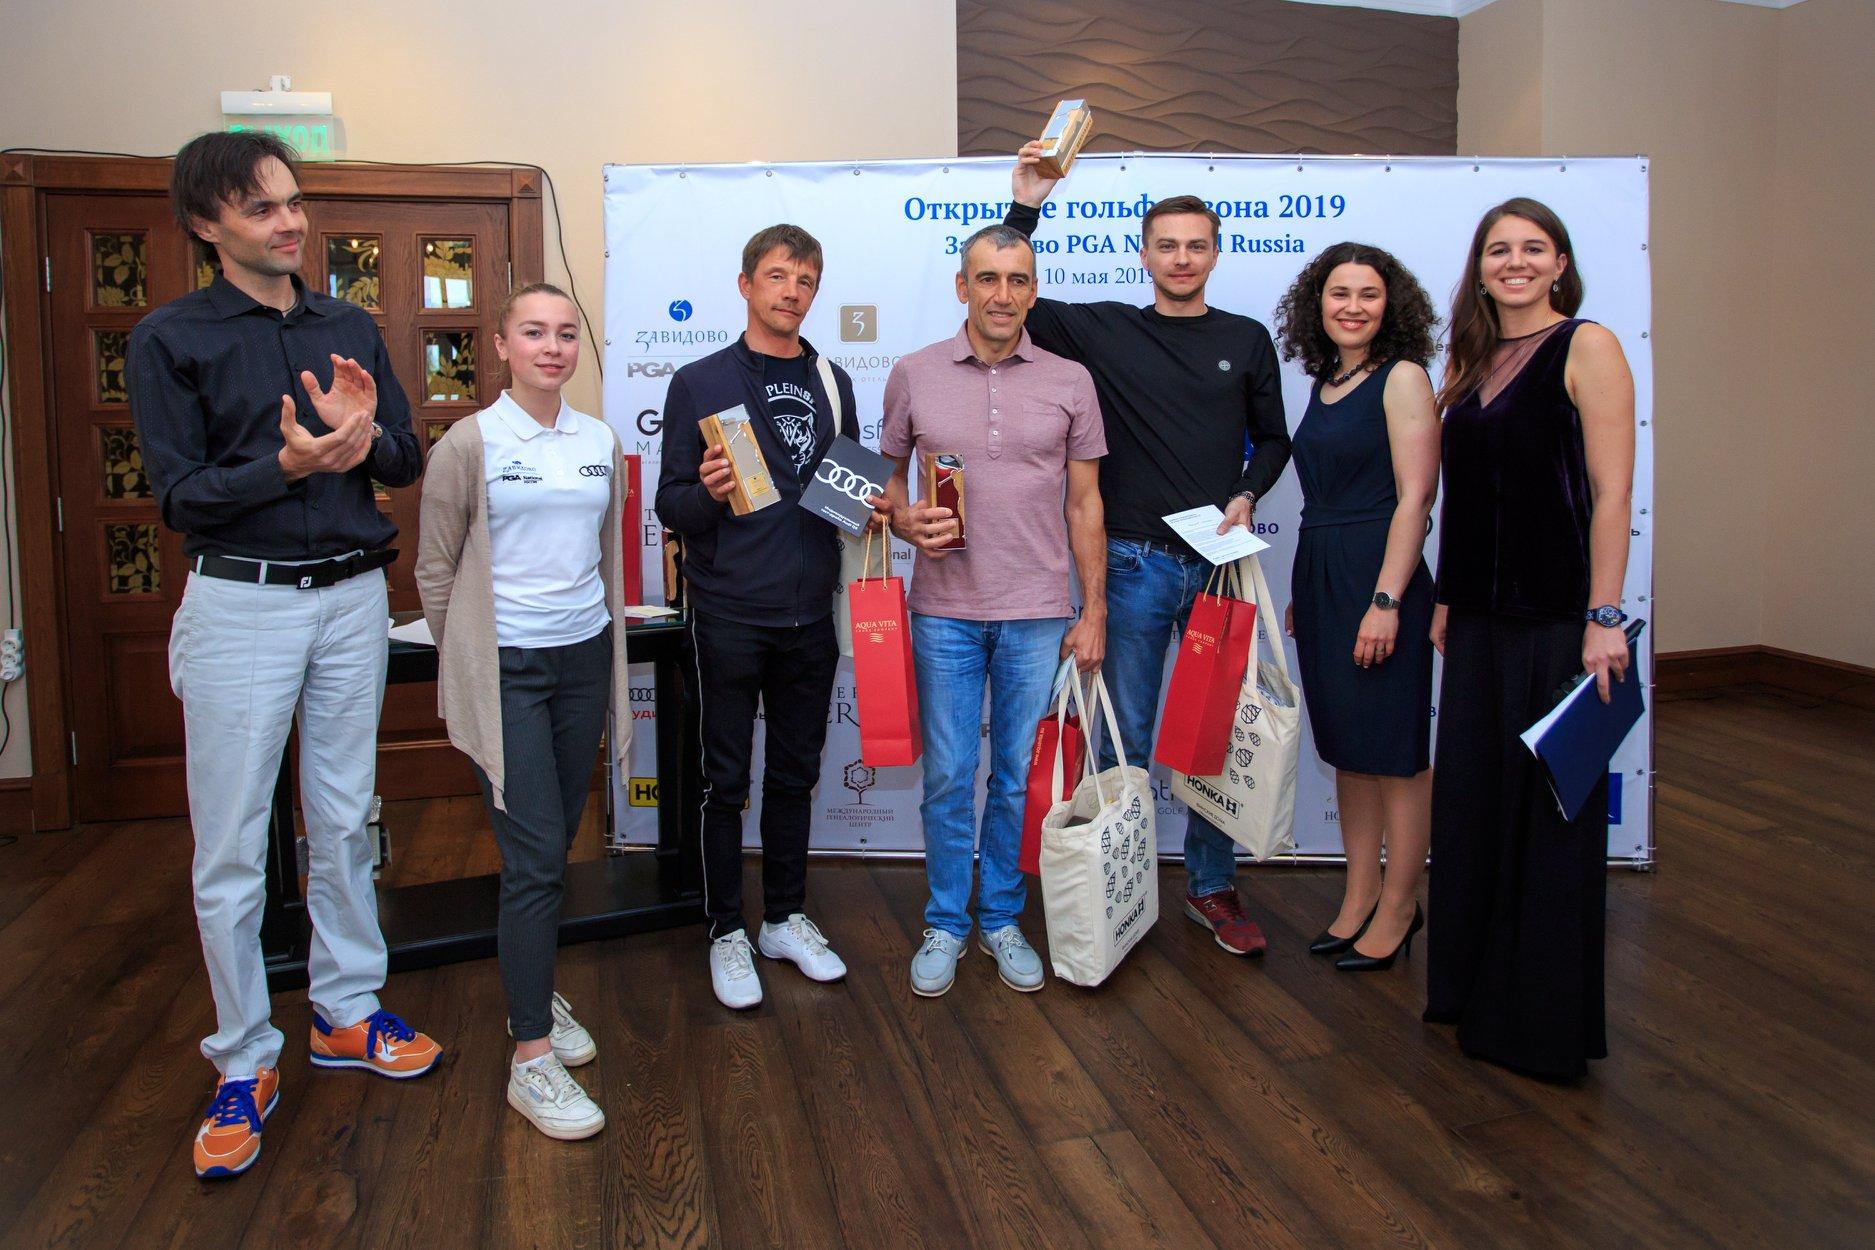 Открытие гольф-сезона в Завидово